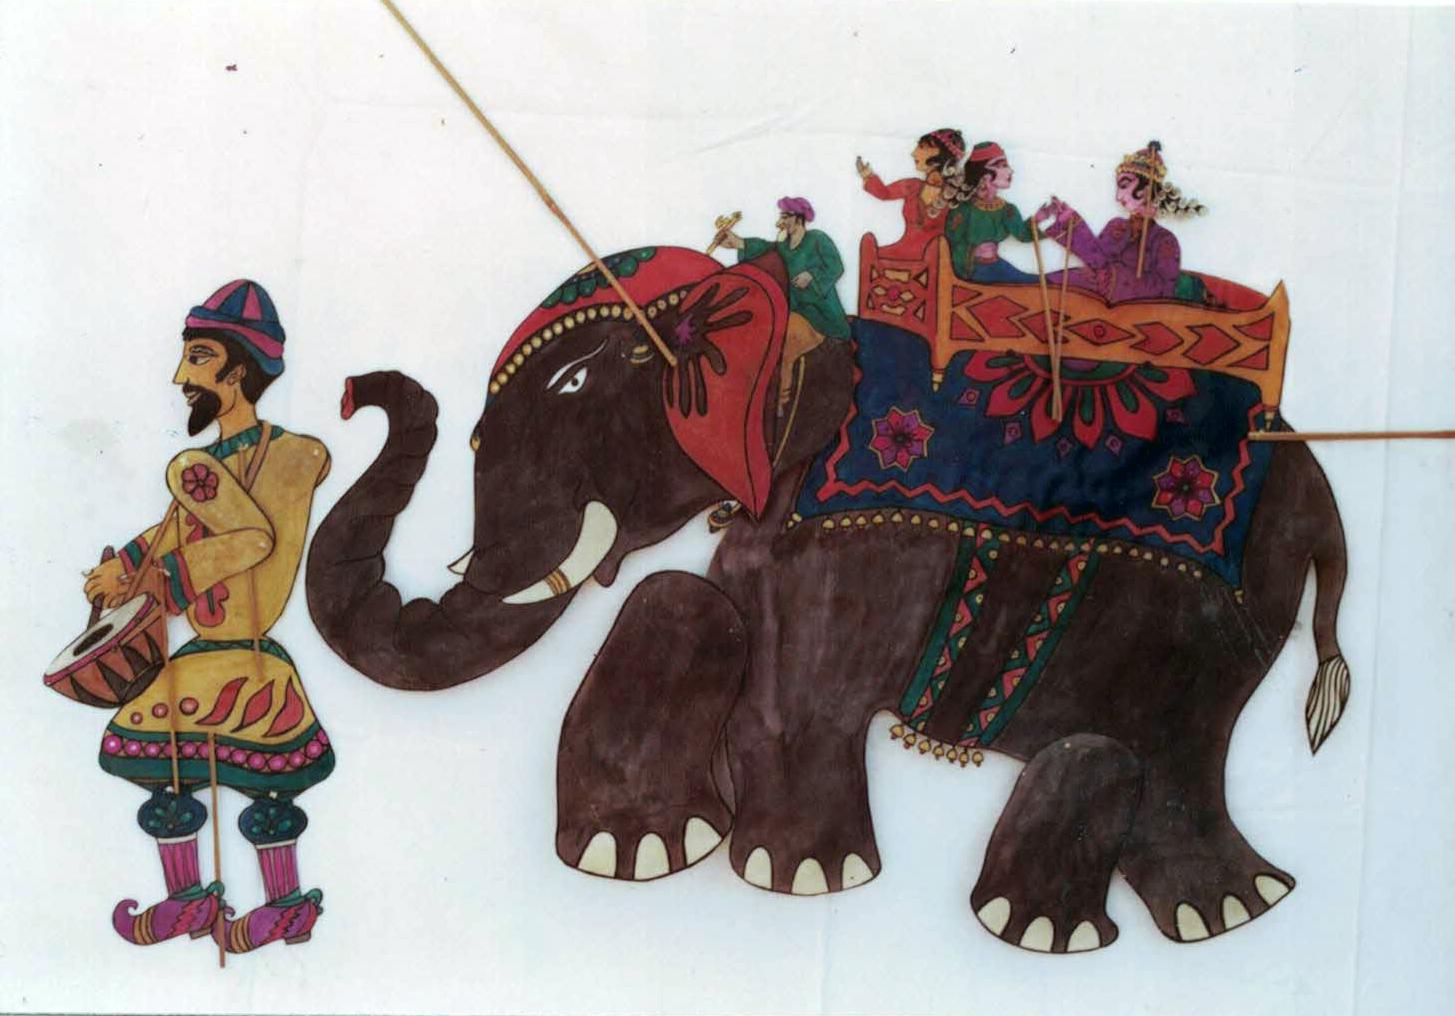 Princesse à cheval sur un éléphant, dans Aladin par Puppets & Plays, mise en scène et conception des marionnettes : Mahipat Kavi (Ahmedabad, Gujarat)